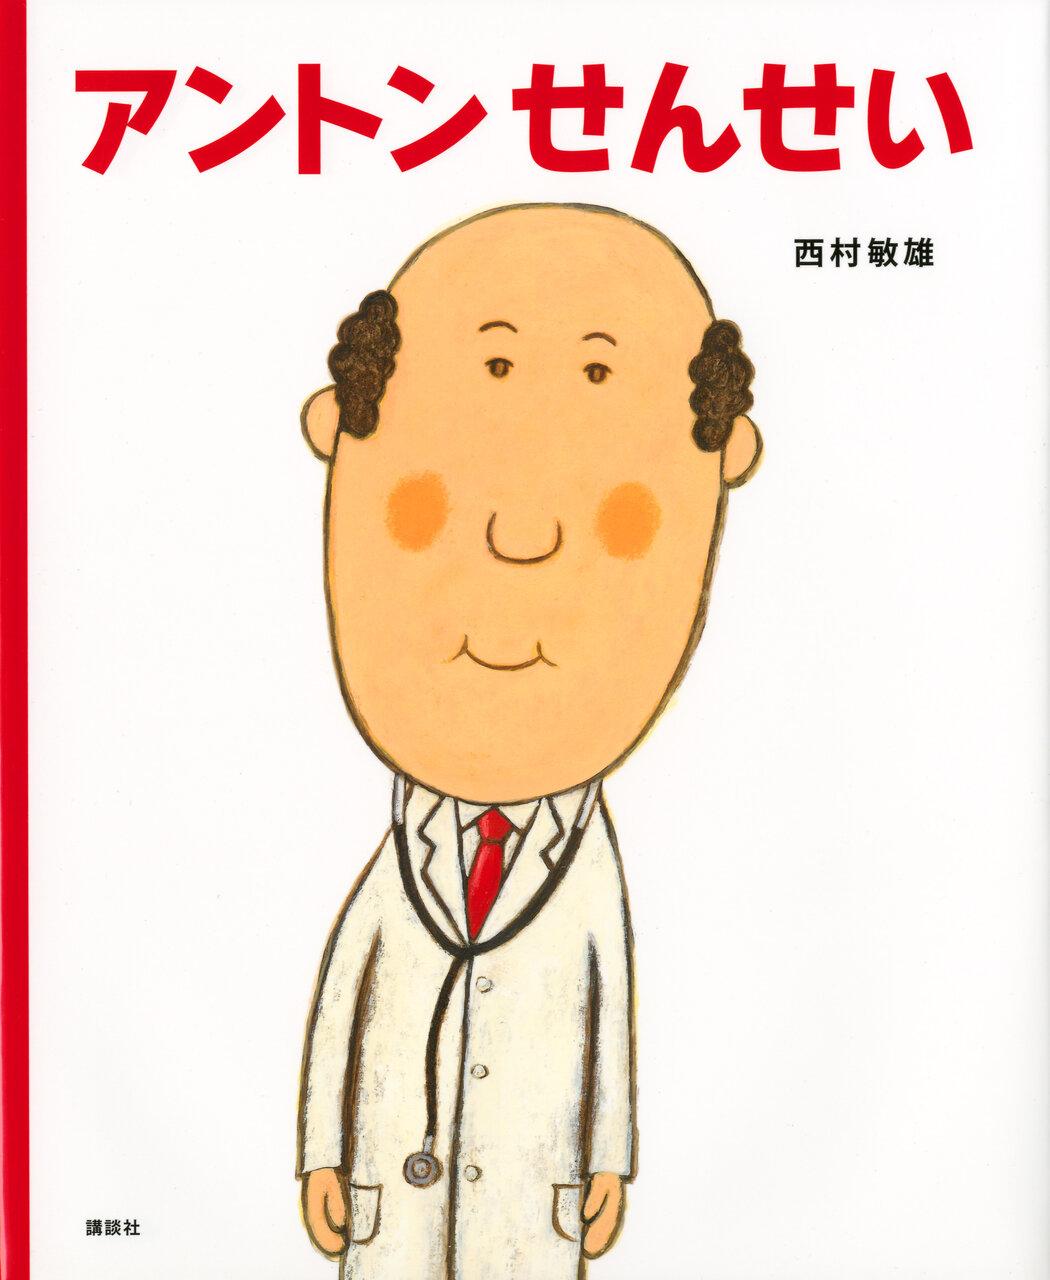 「アントンせんせい」シリーズ第一作め。こちらから読んであげても。<br> <br> 『アントンせんせい』<br> 作:西村敏雄 講談社